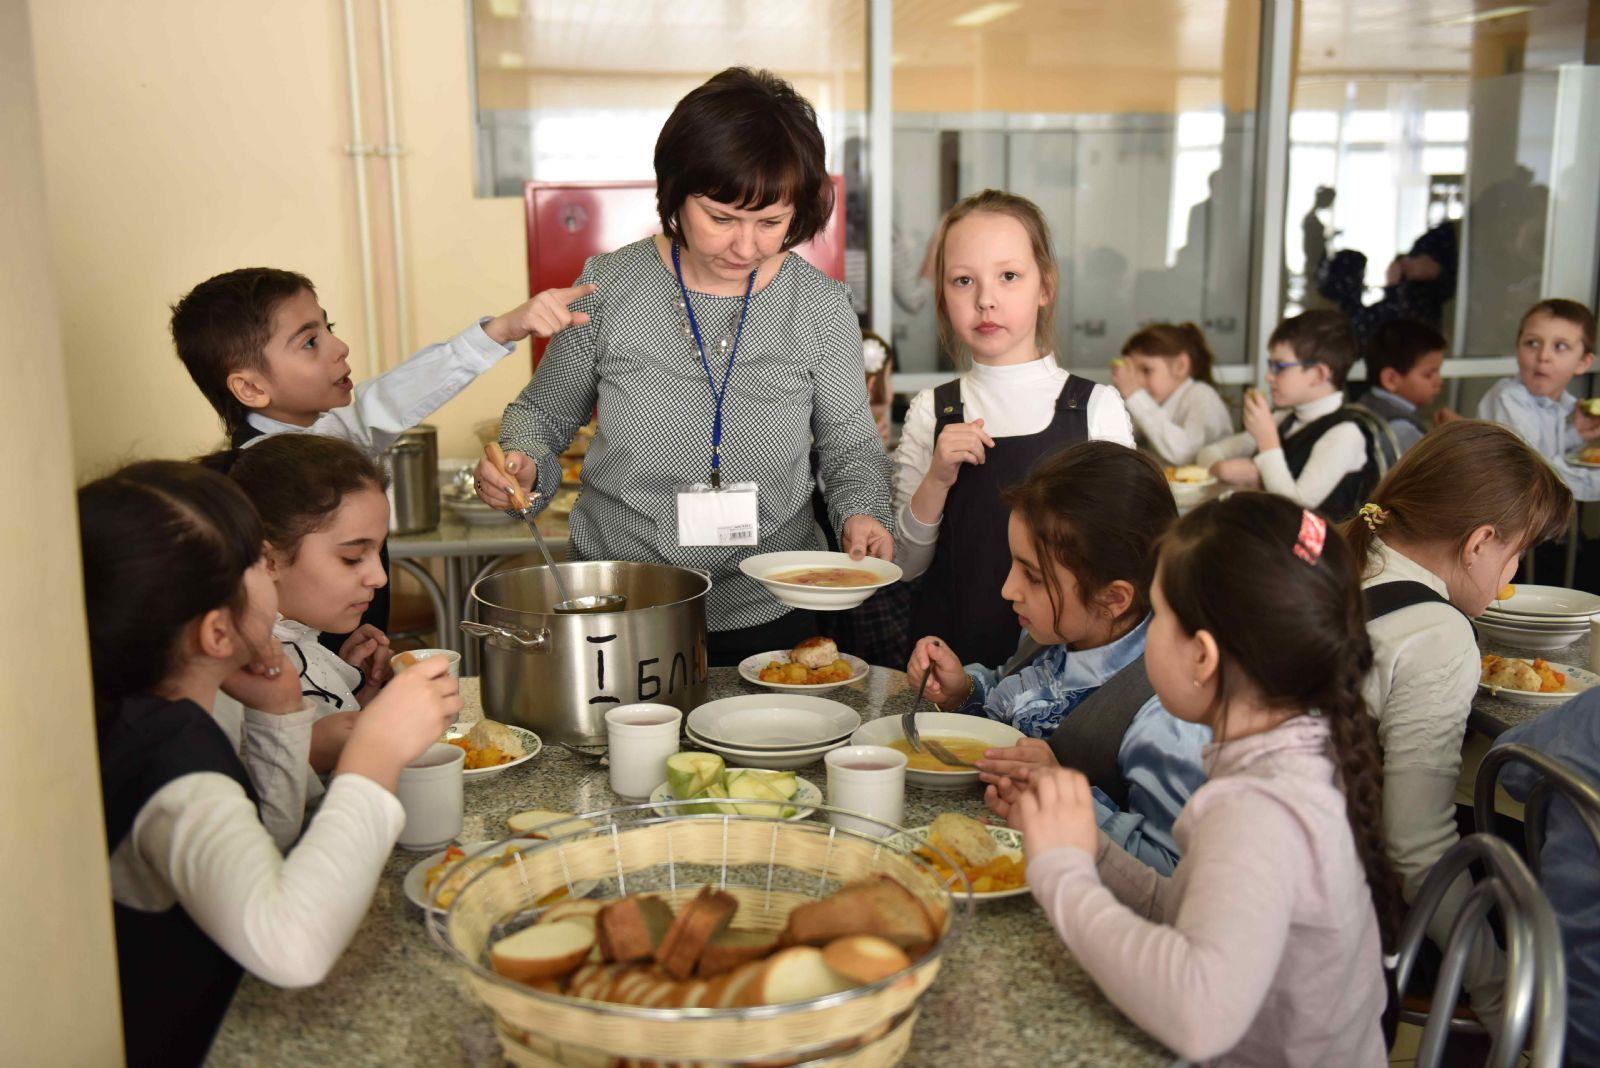 Школьники с 1-го по 4-й класс будут питаться в школе бесплатно